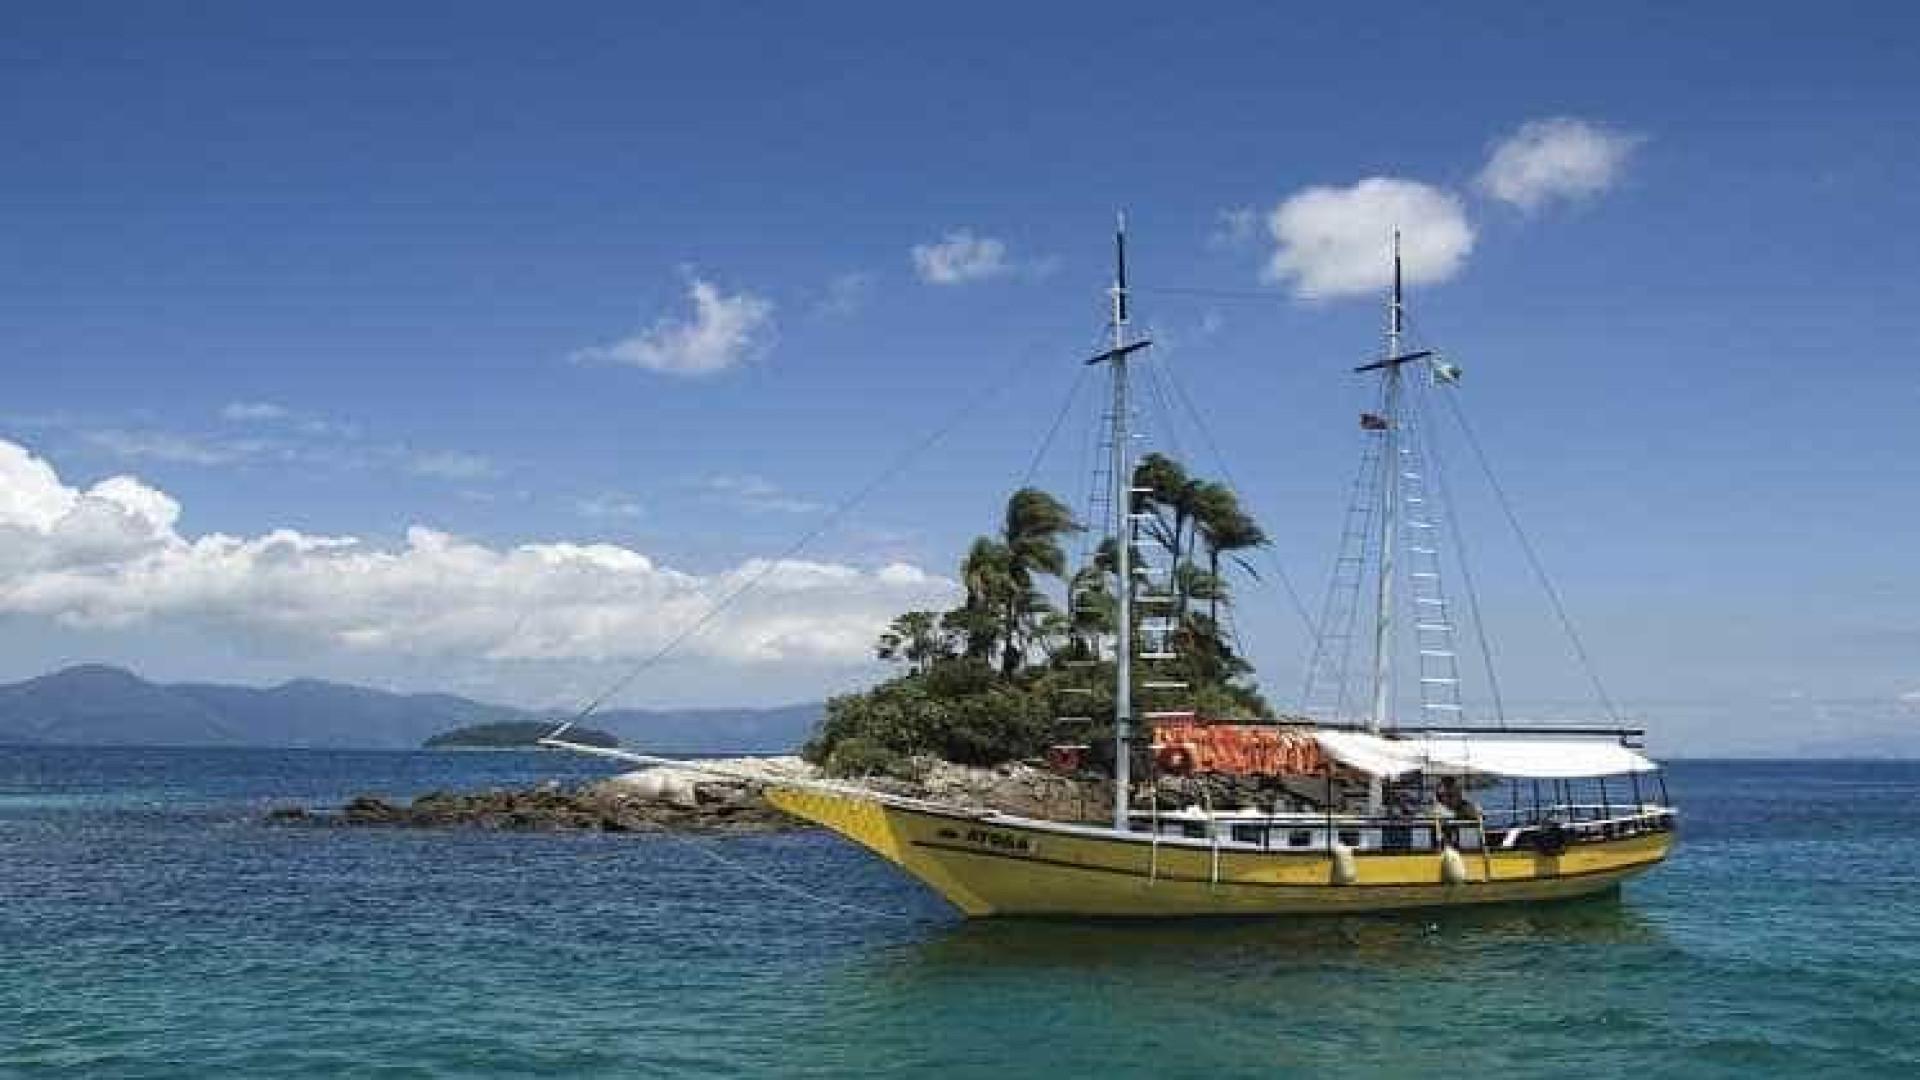 Sobreviventes do naufrágio em Angra dos Reis são recebidos pelas famílias